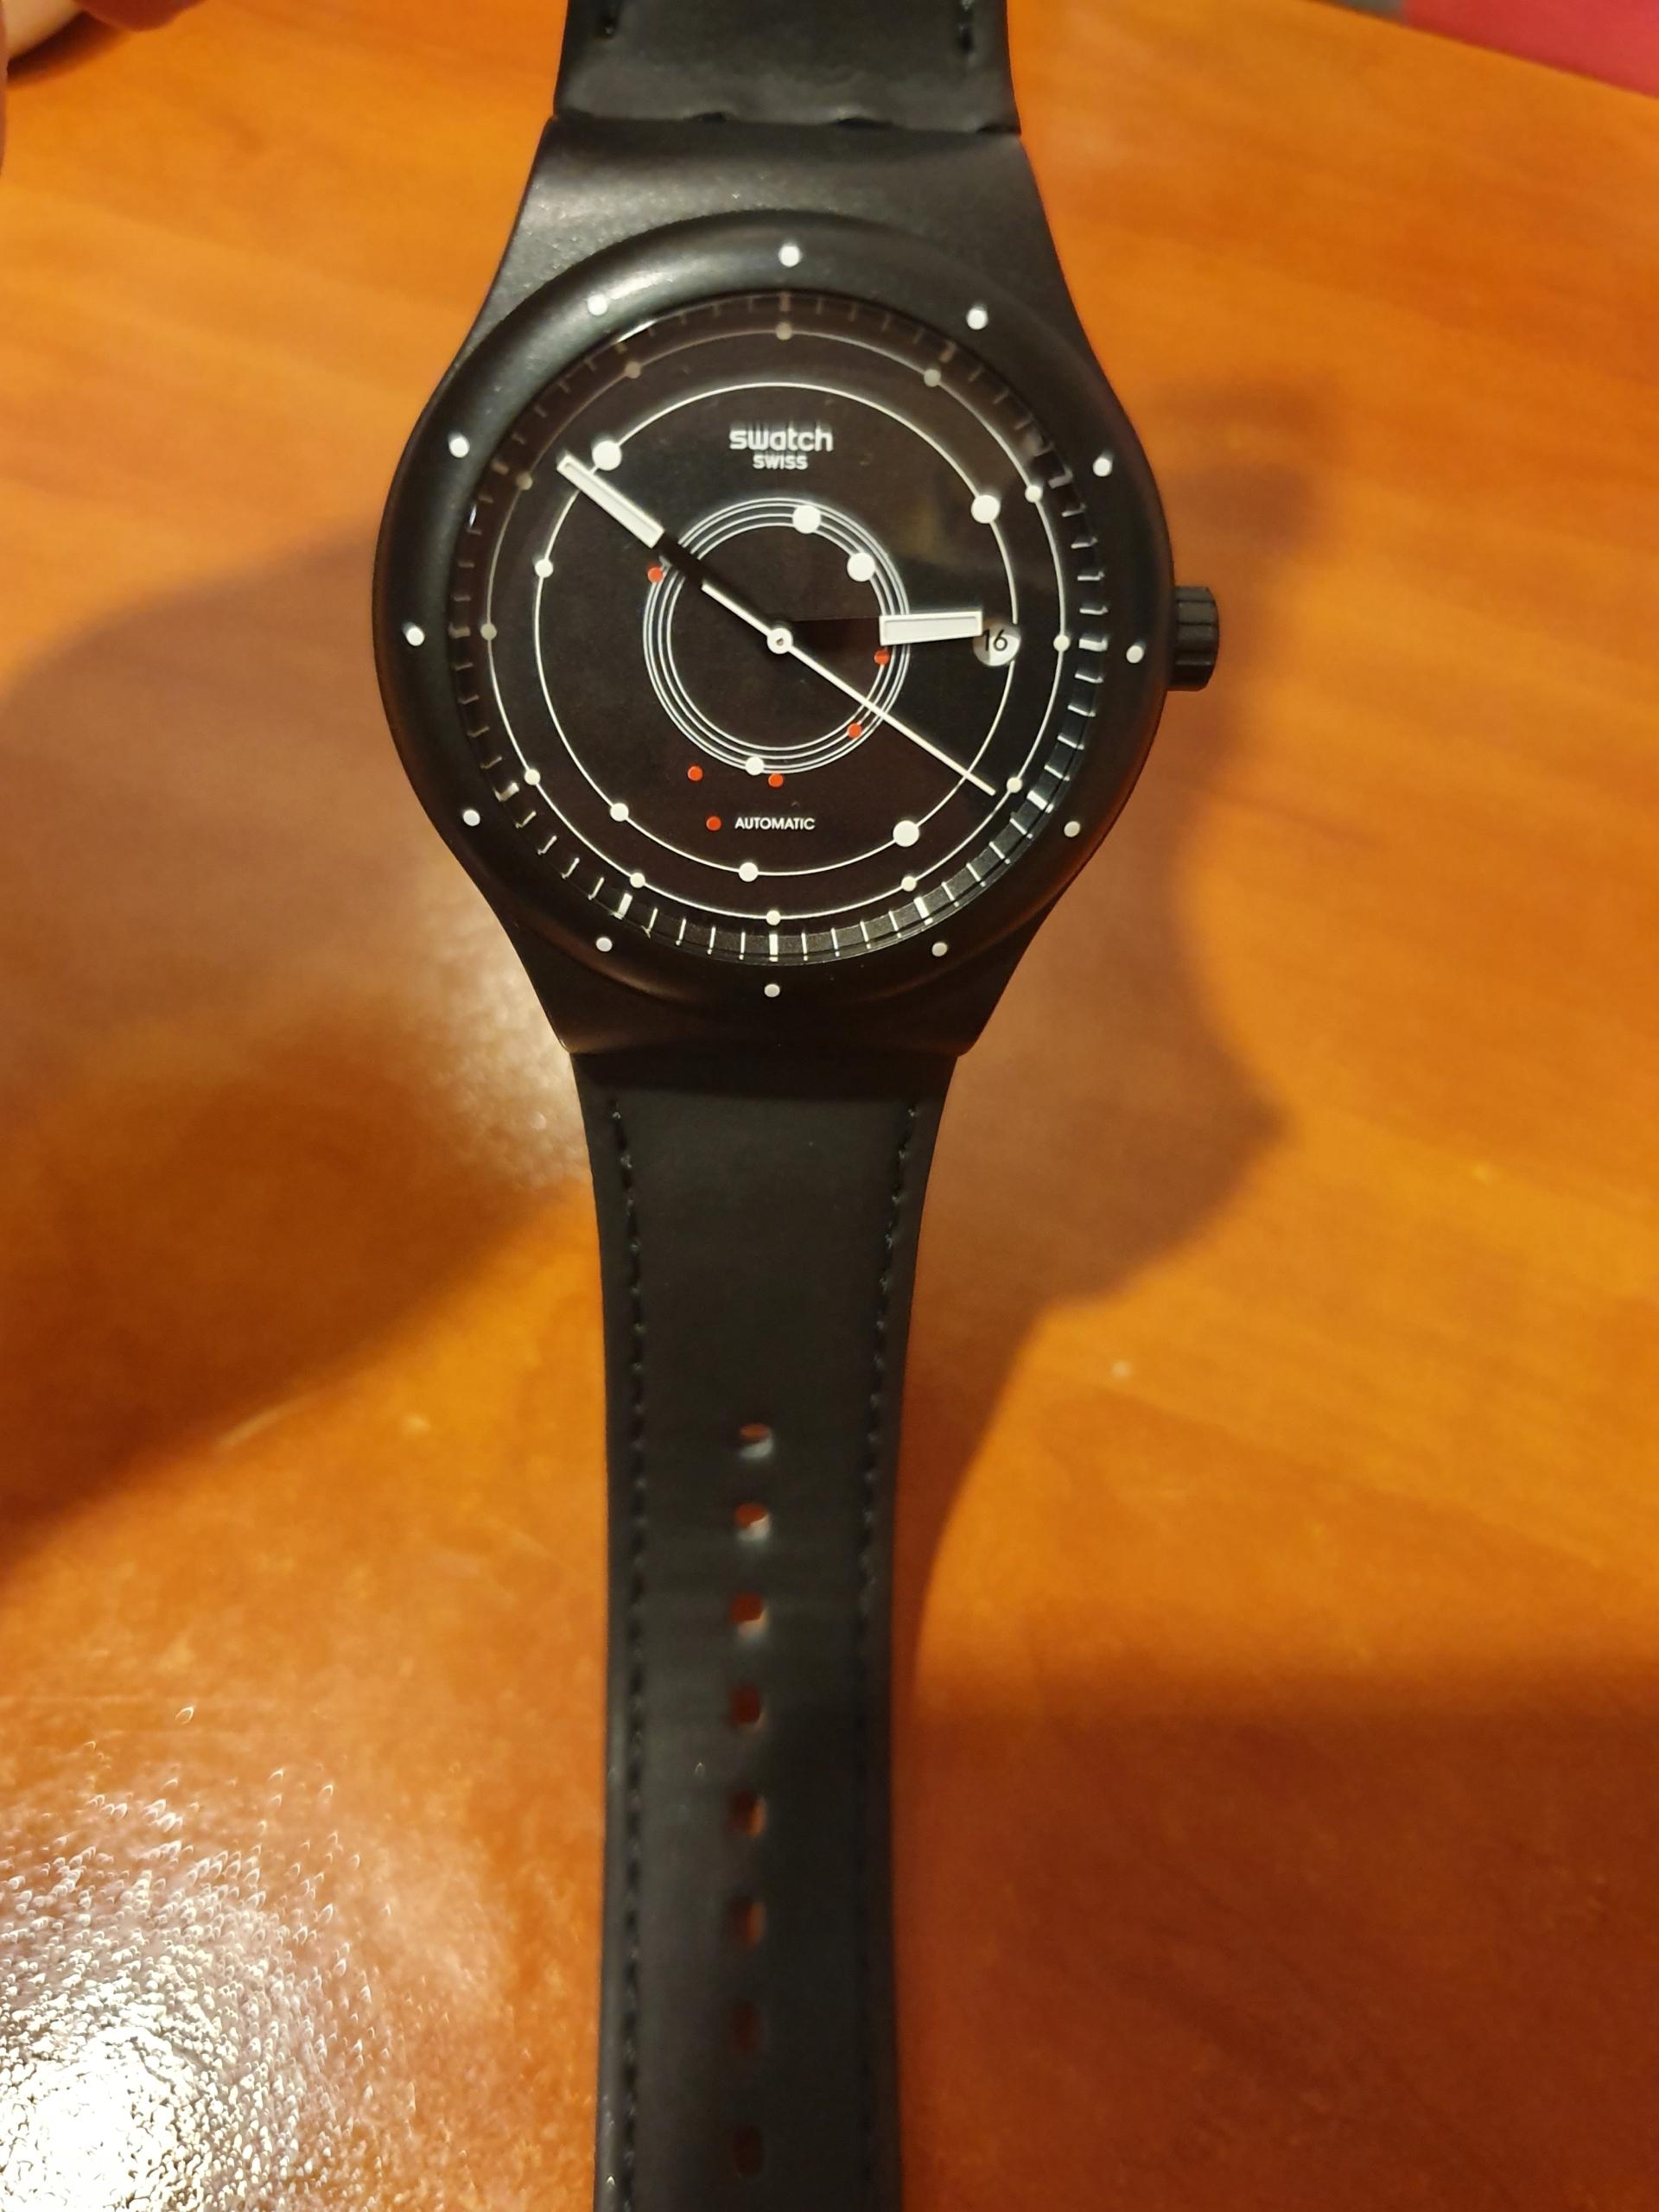 Czarny Swatch Sistem51 gw od 10.05.2019 automat